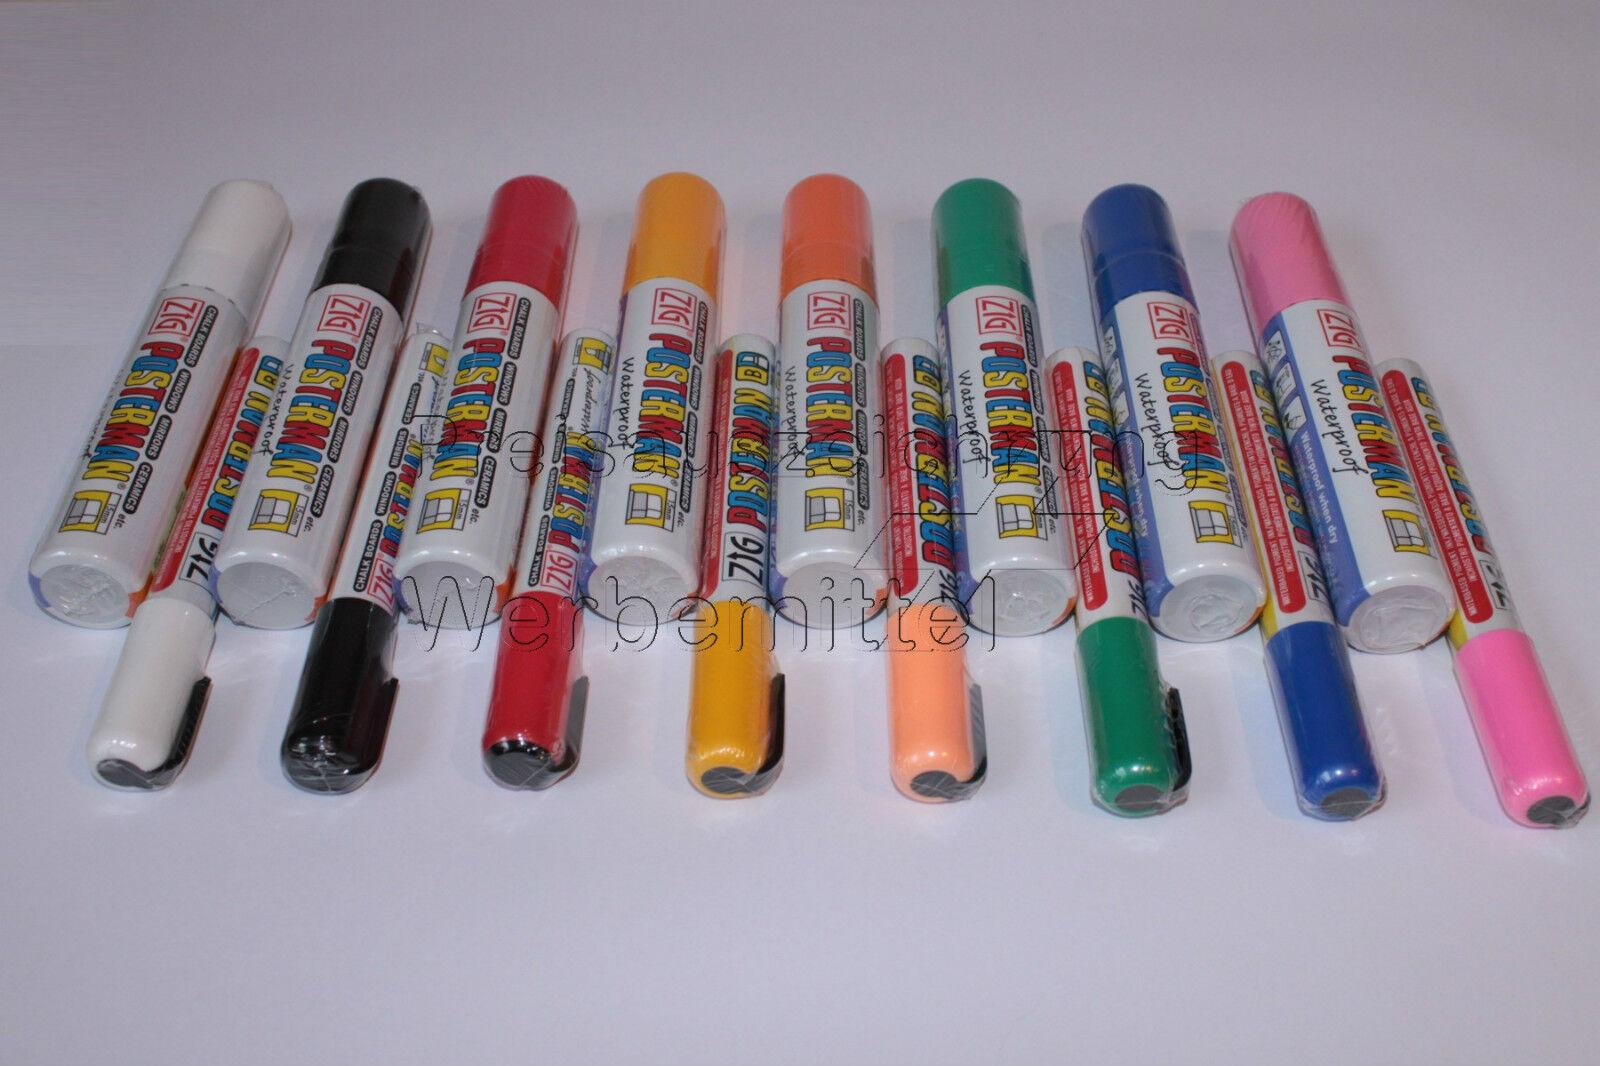 Glasschreiber ZIG Posterman 5mm oder oder oder 15mm Postermarker, 8 Farben - frei wählbar | Schnelle Lieferung  42fff2